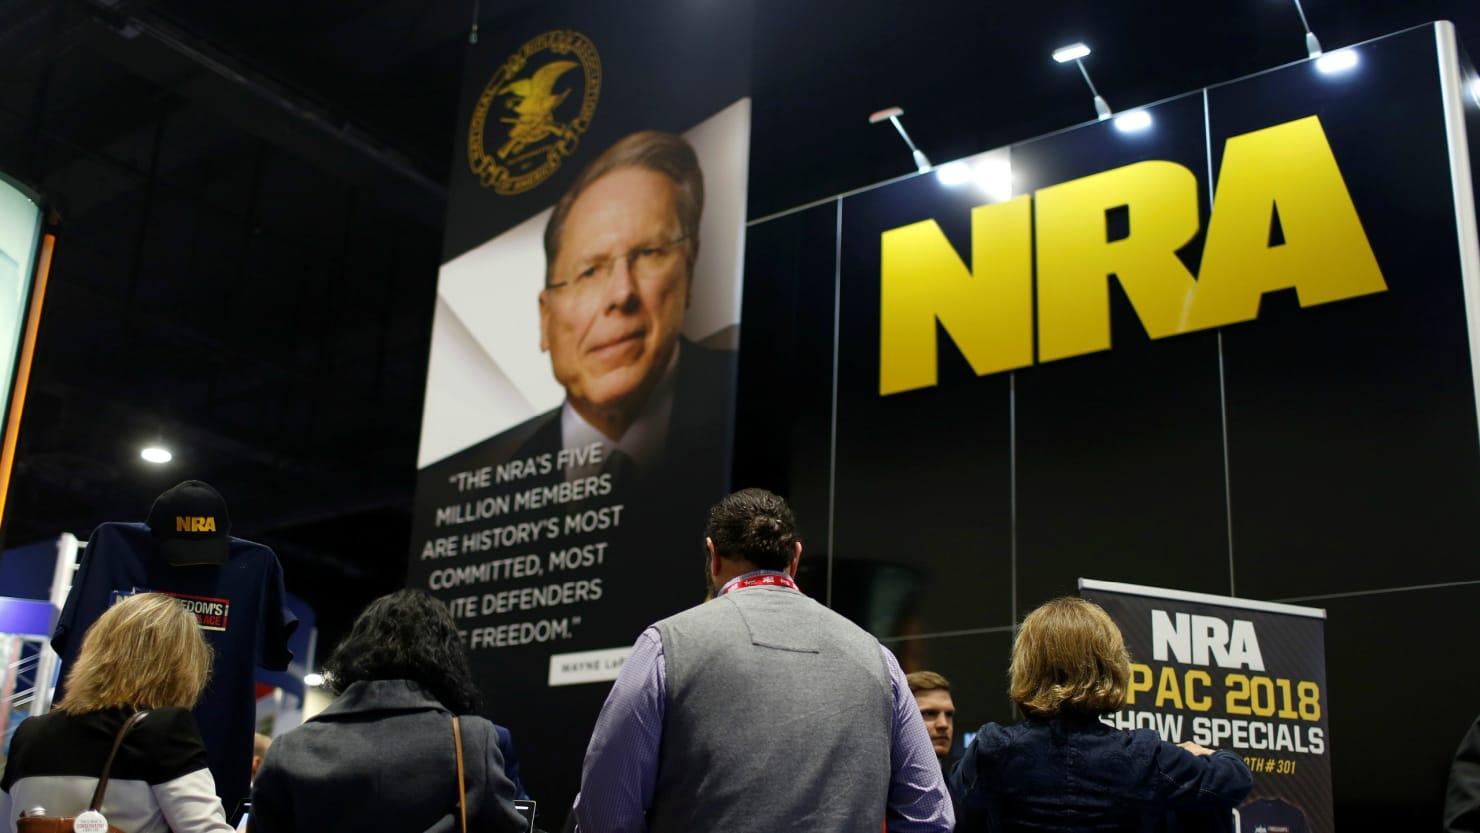 Αποτέλεσμα εικόνας για Έκθεση NRA